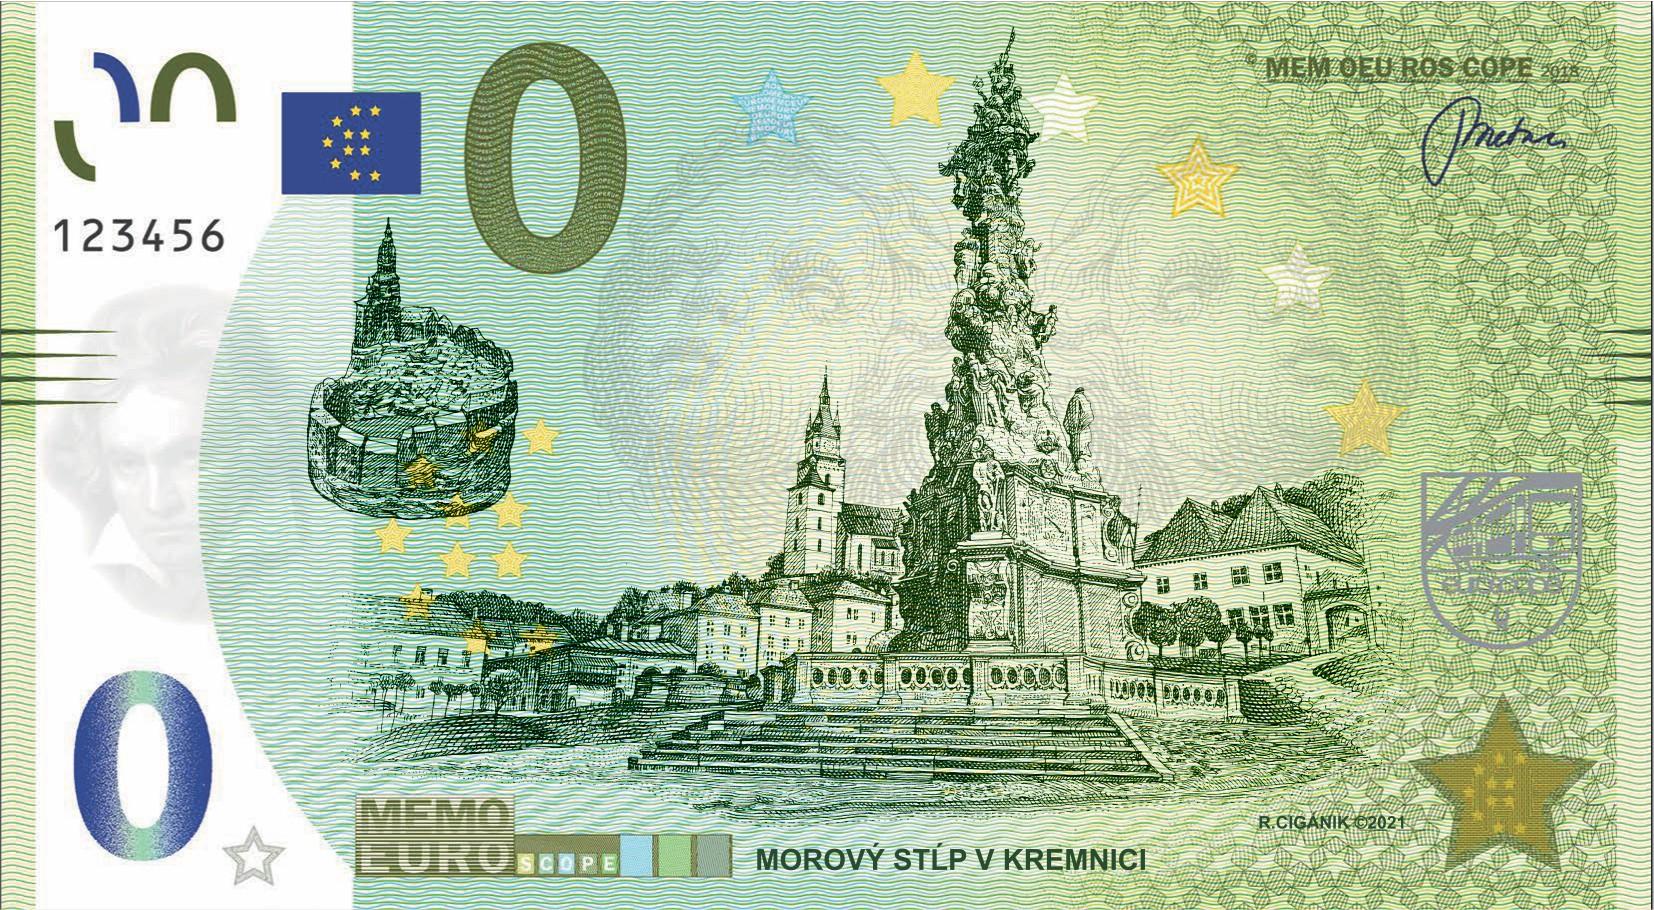 133_17_Morovy_Stlp_Kremnica